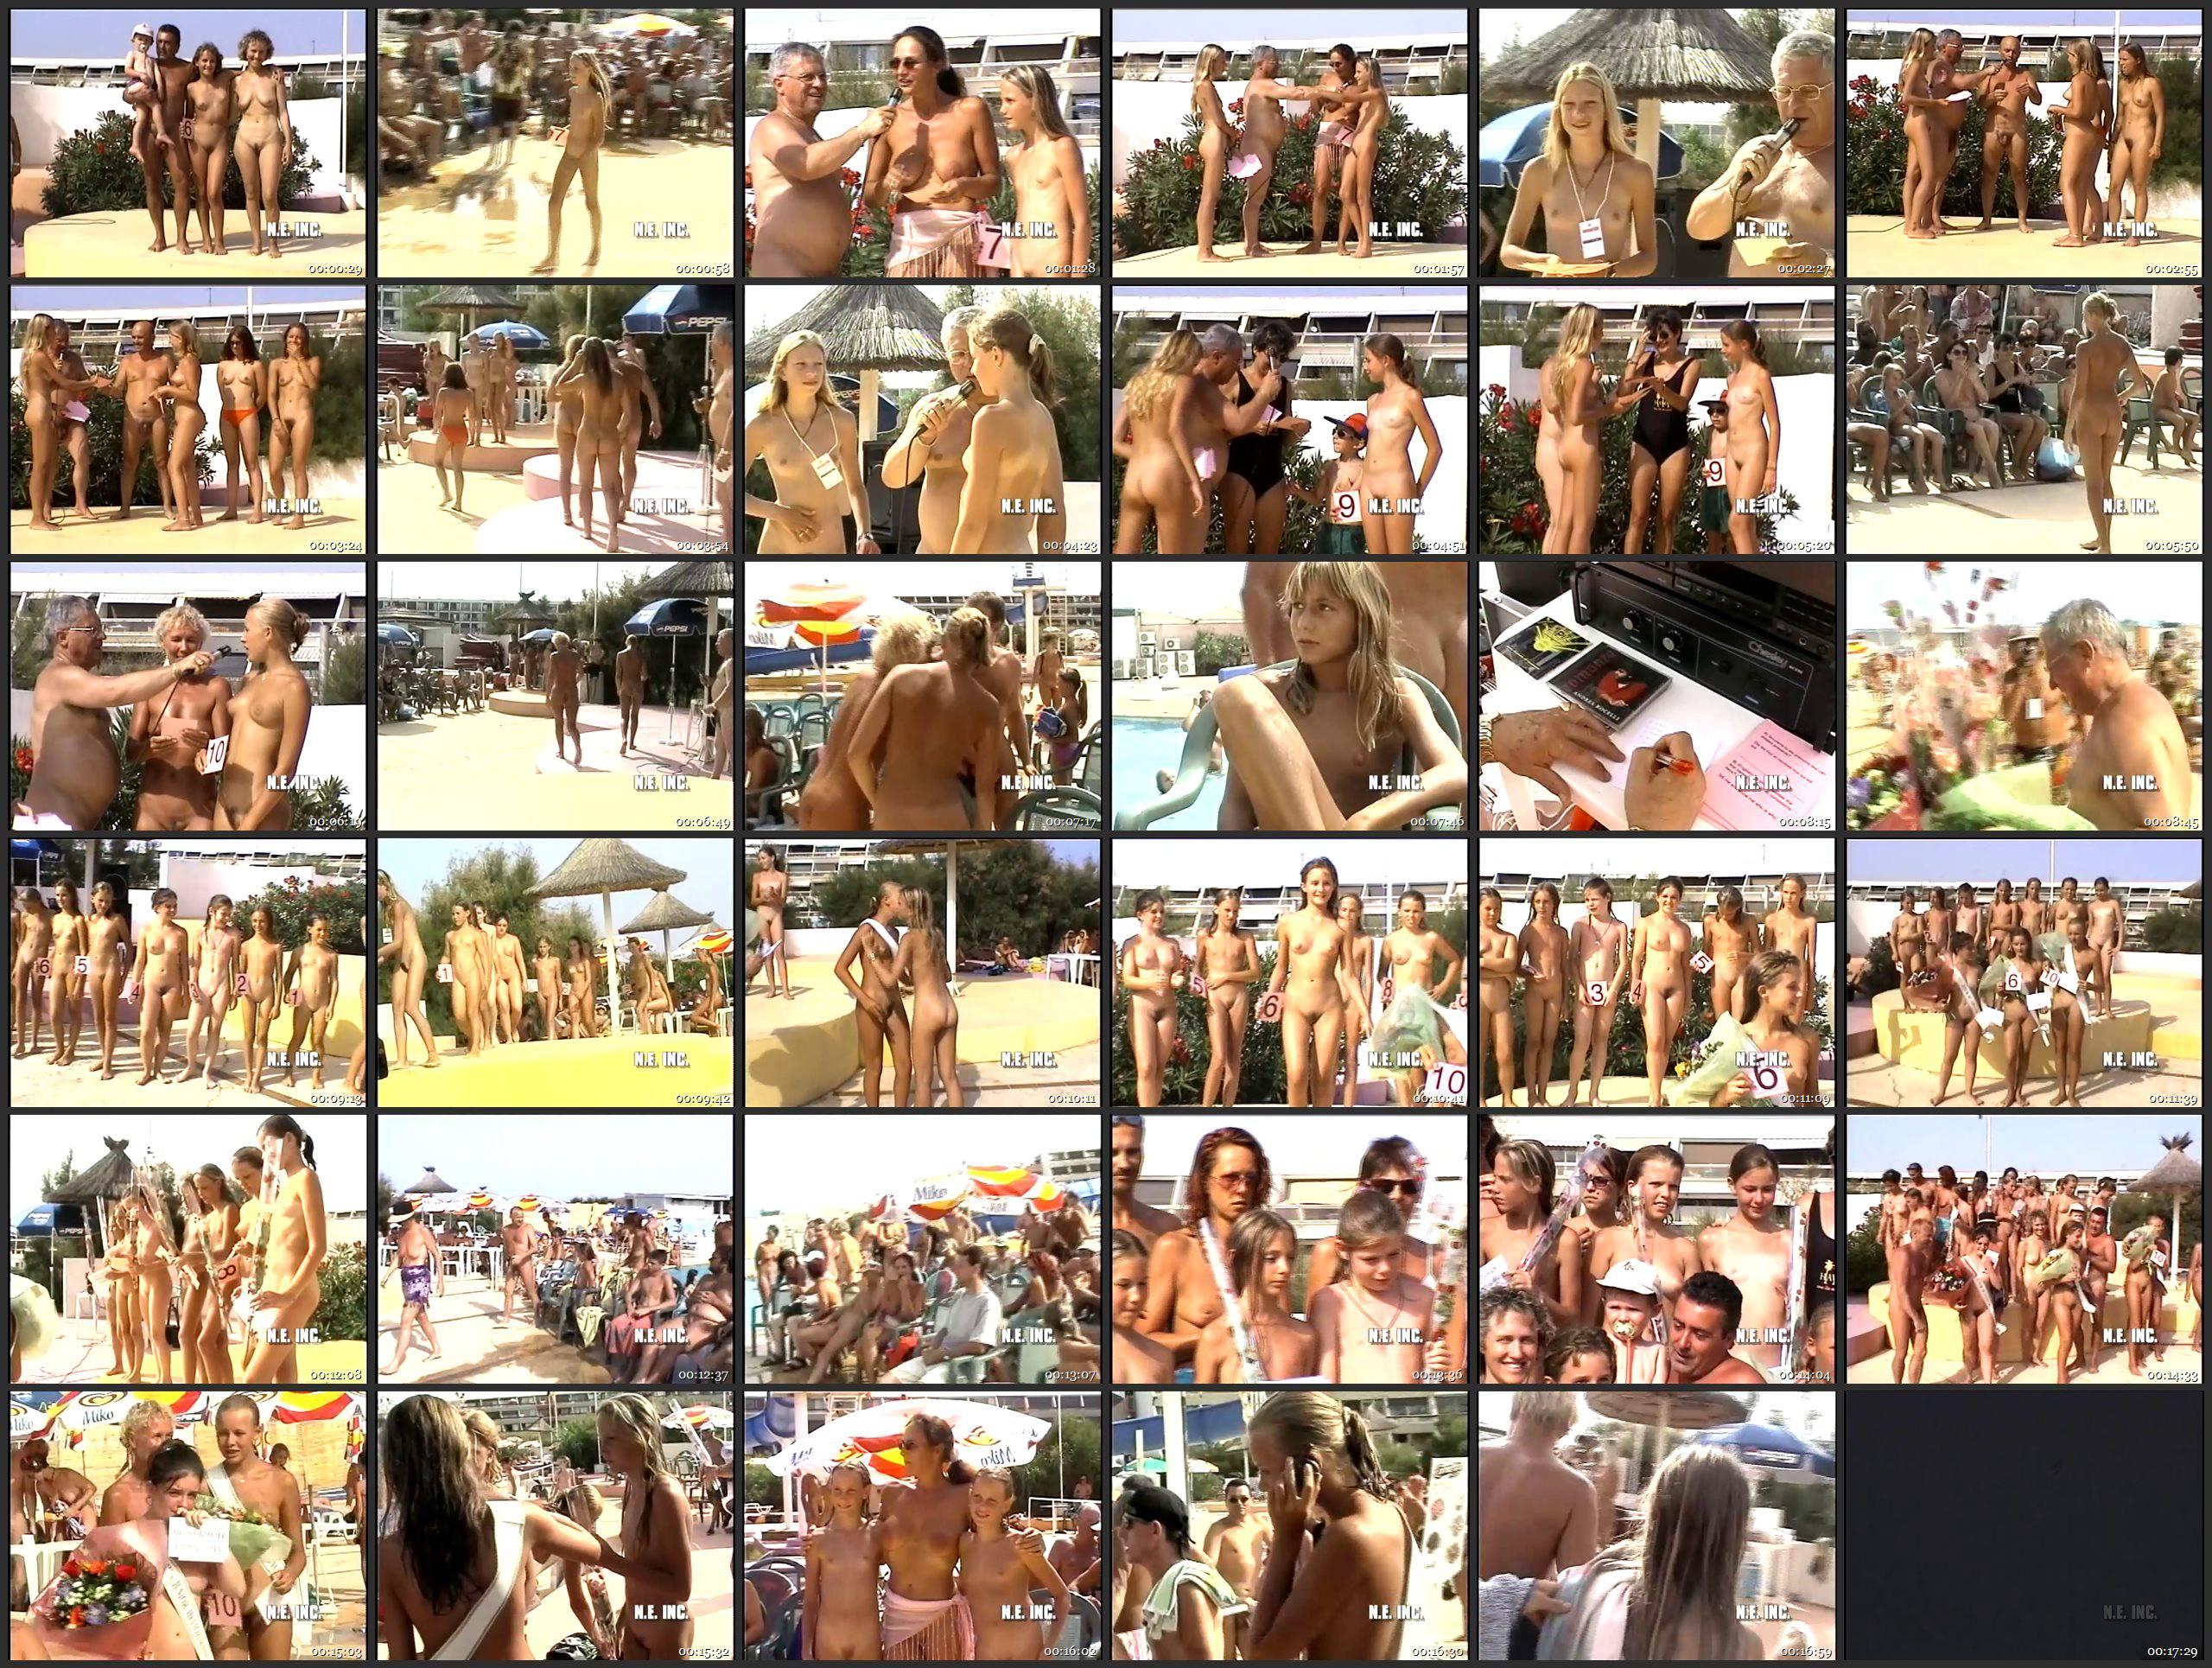 Sunat Natplus-Nudist Junior Contest 2007 - Thumbnails